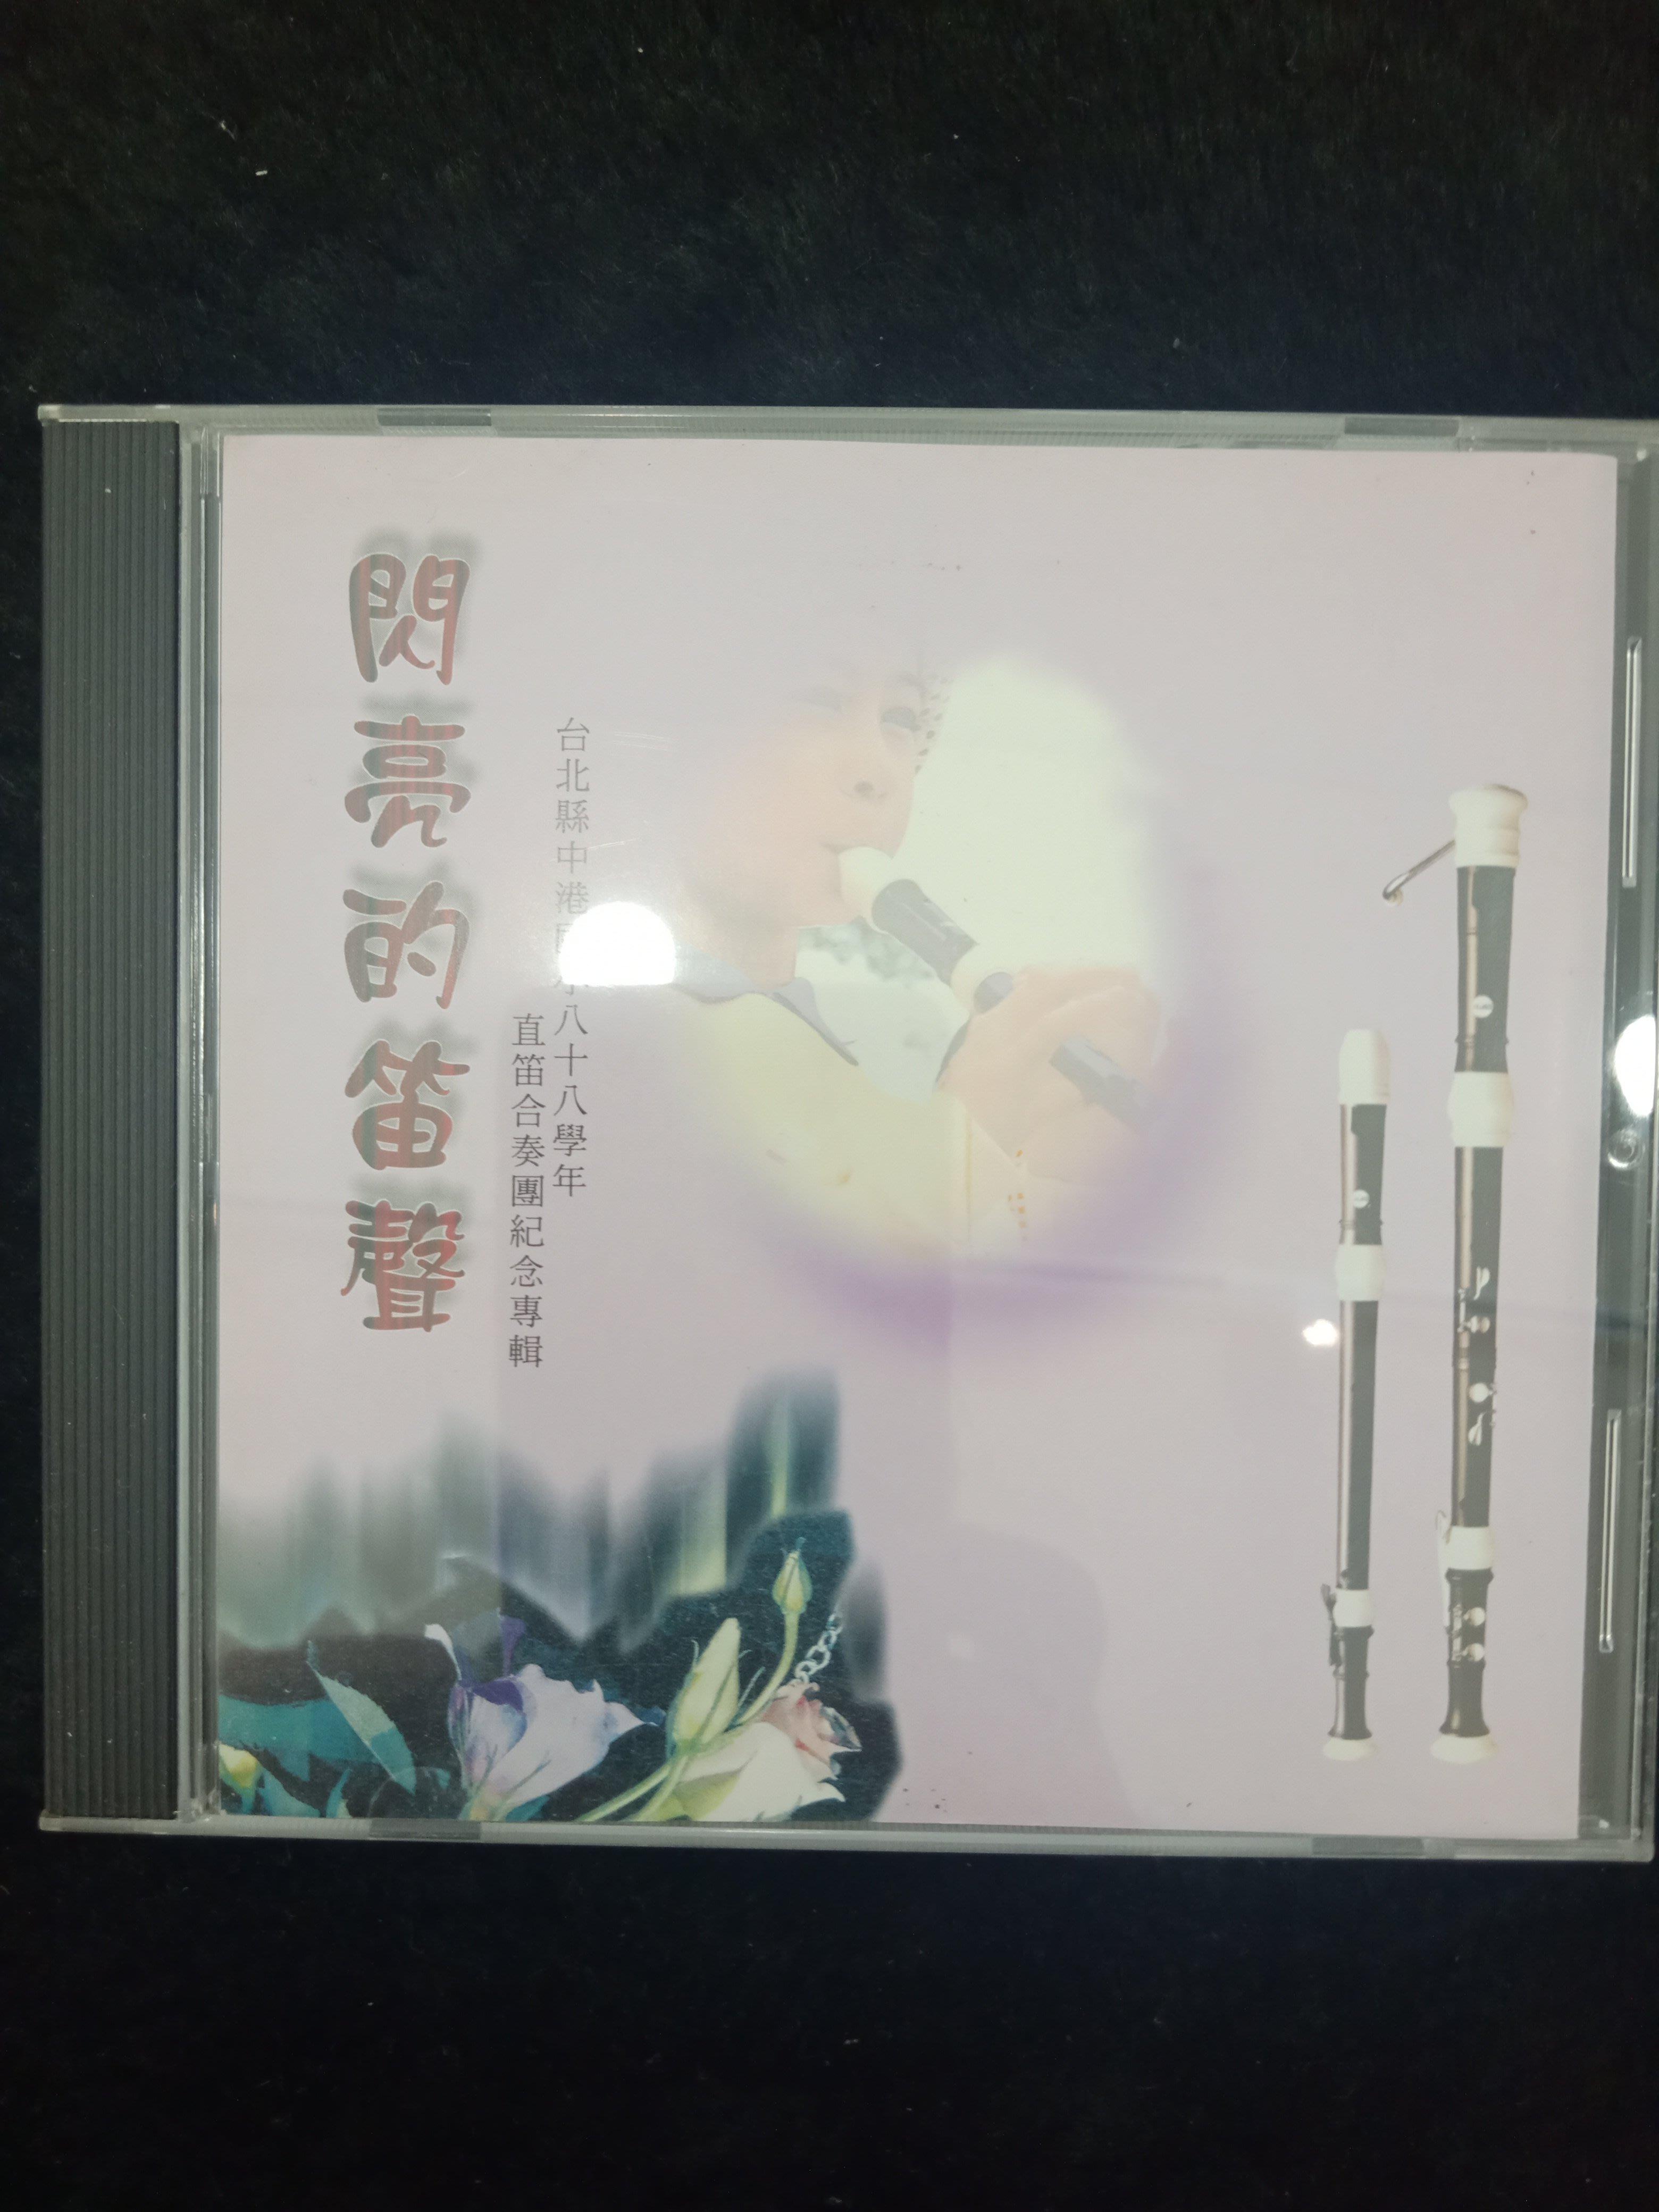 閃亮的笛聲 - 台北縣中港國小八十八學年 直笛合奏團紀念專輯 - 碟片近新 - 101元起標